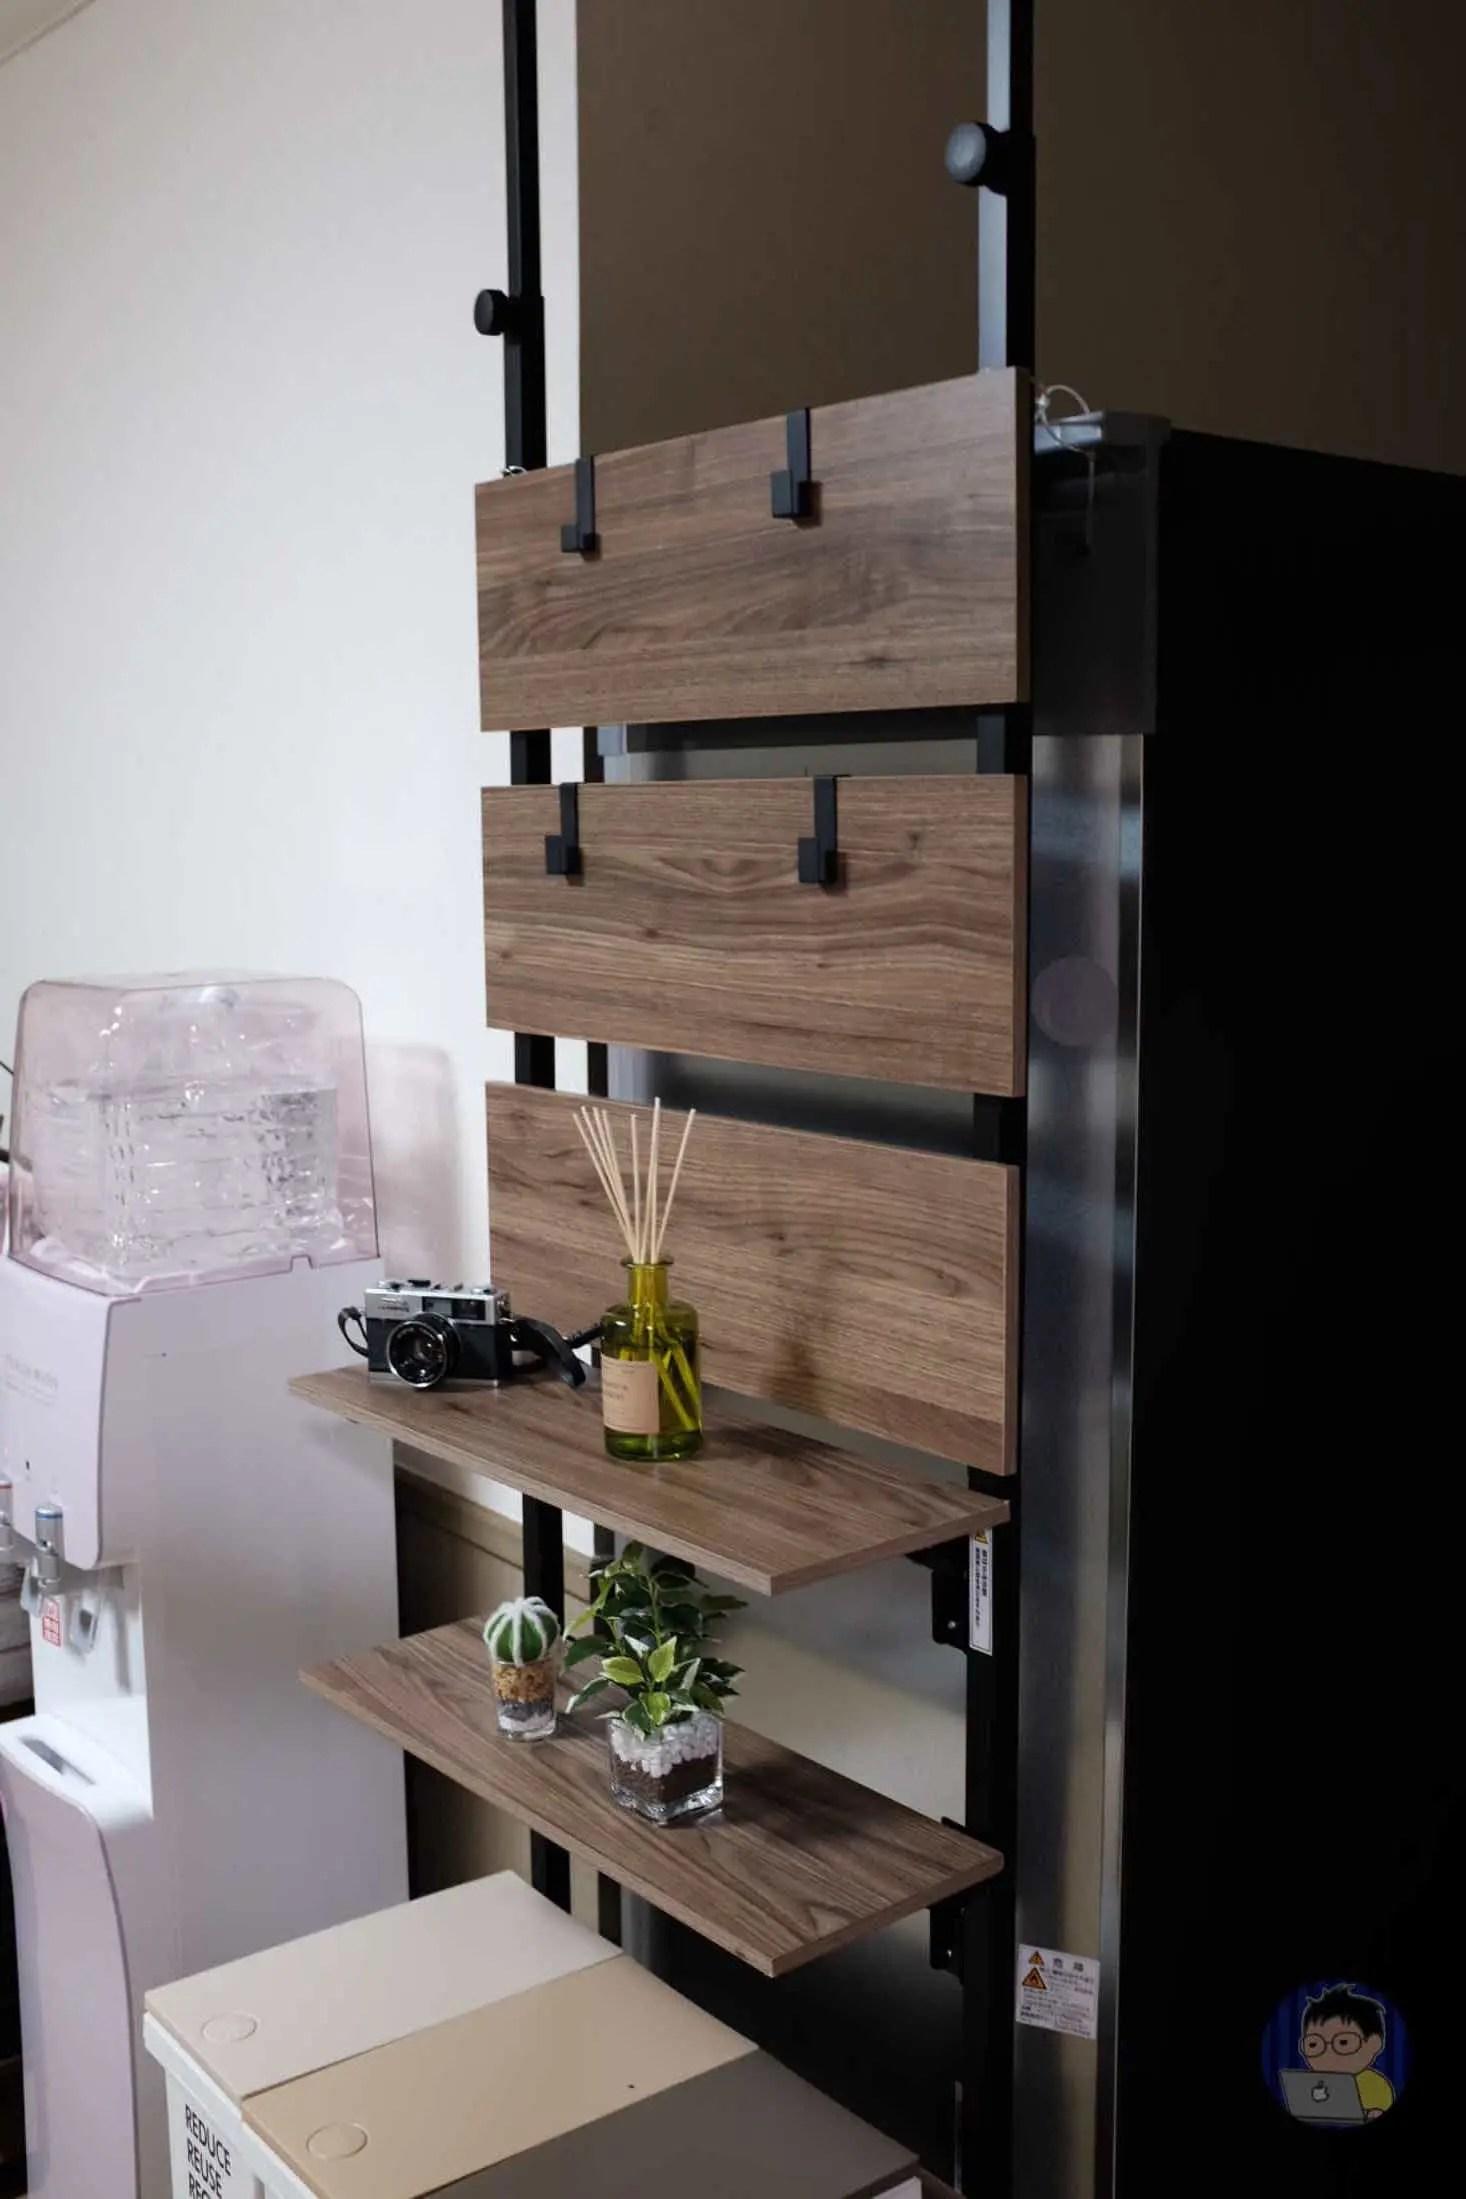 ニトリ 突っ張り 棚 突っ張り壁面収納通販 ニトリネット【公式】 家具・インテリア通販